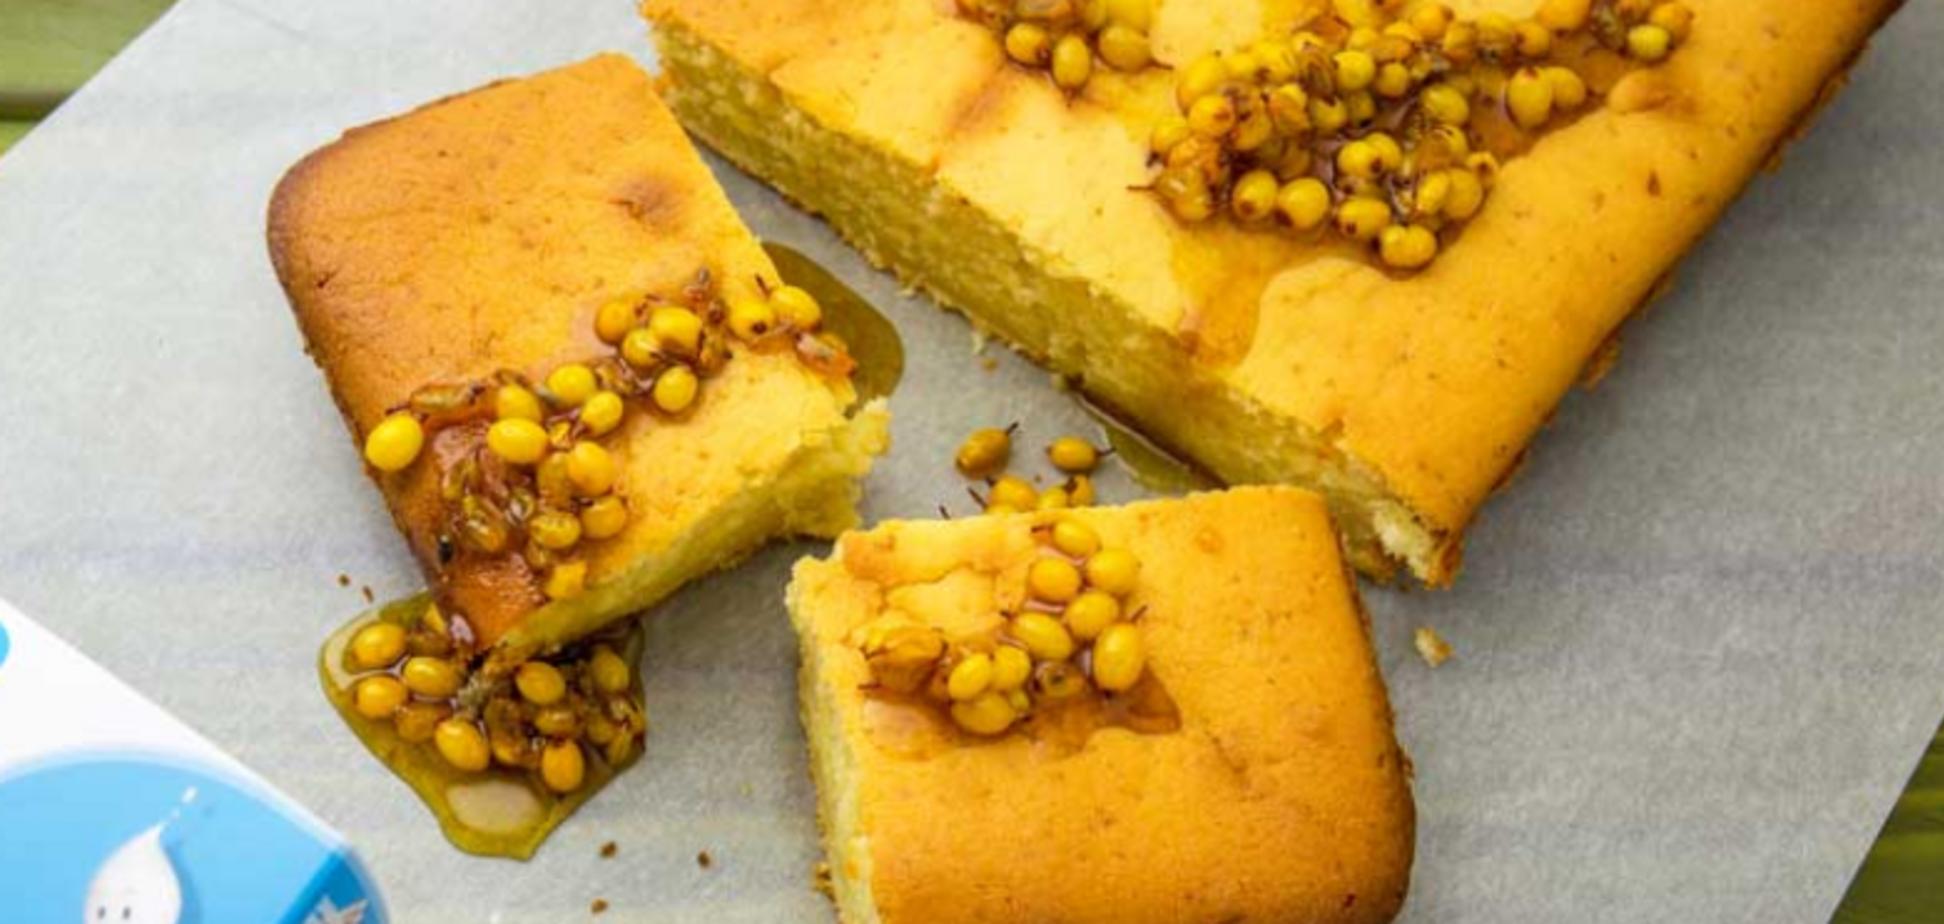 ''Ідеальне поєднання'': відомий кулінар поділився незвичайним рецептом пирога